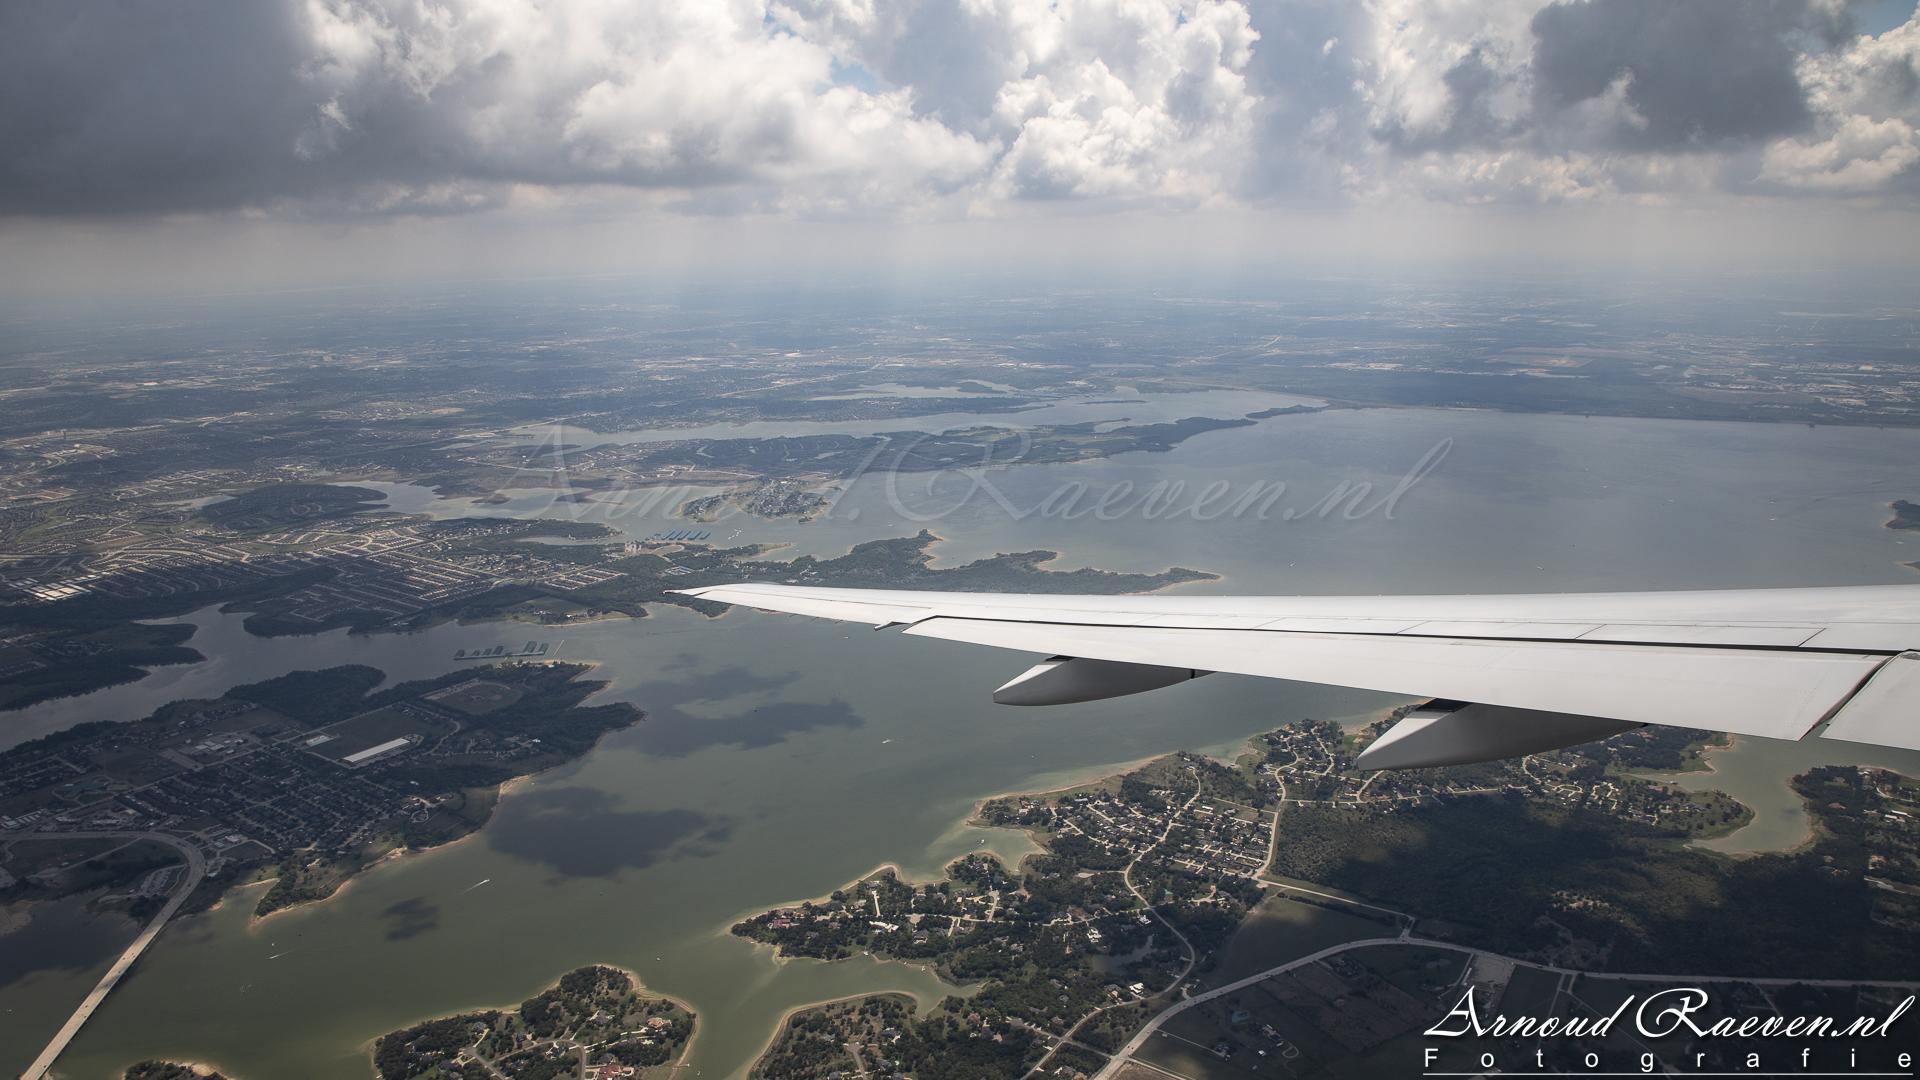 Uitzicht op de omgeving van Dallas